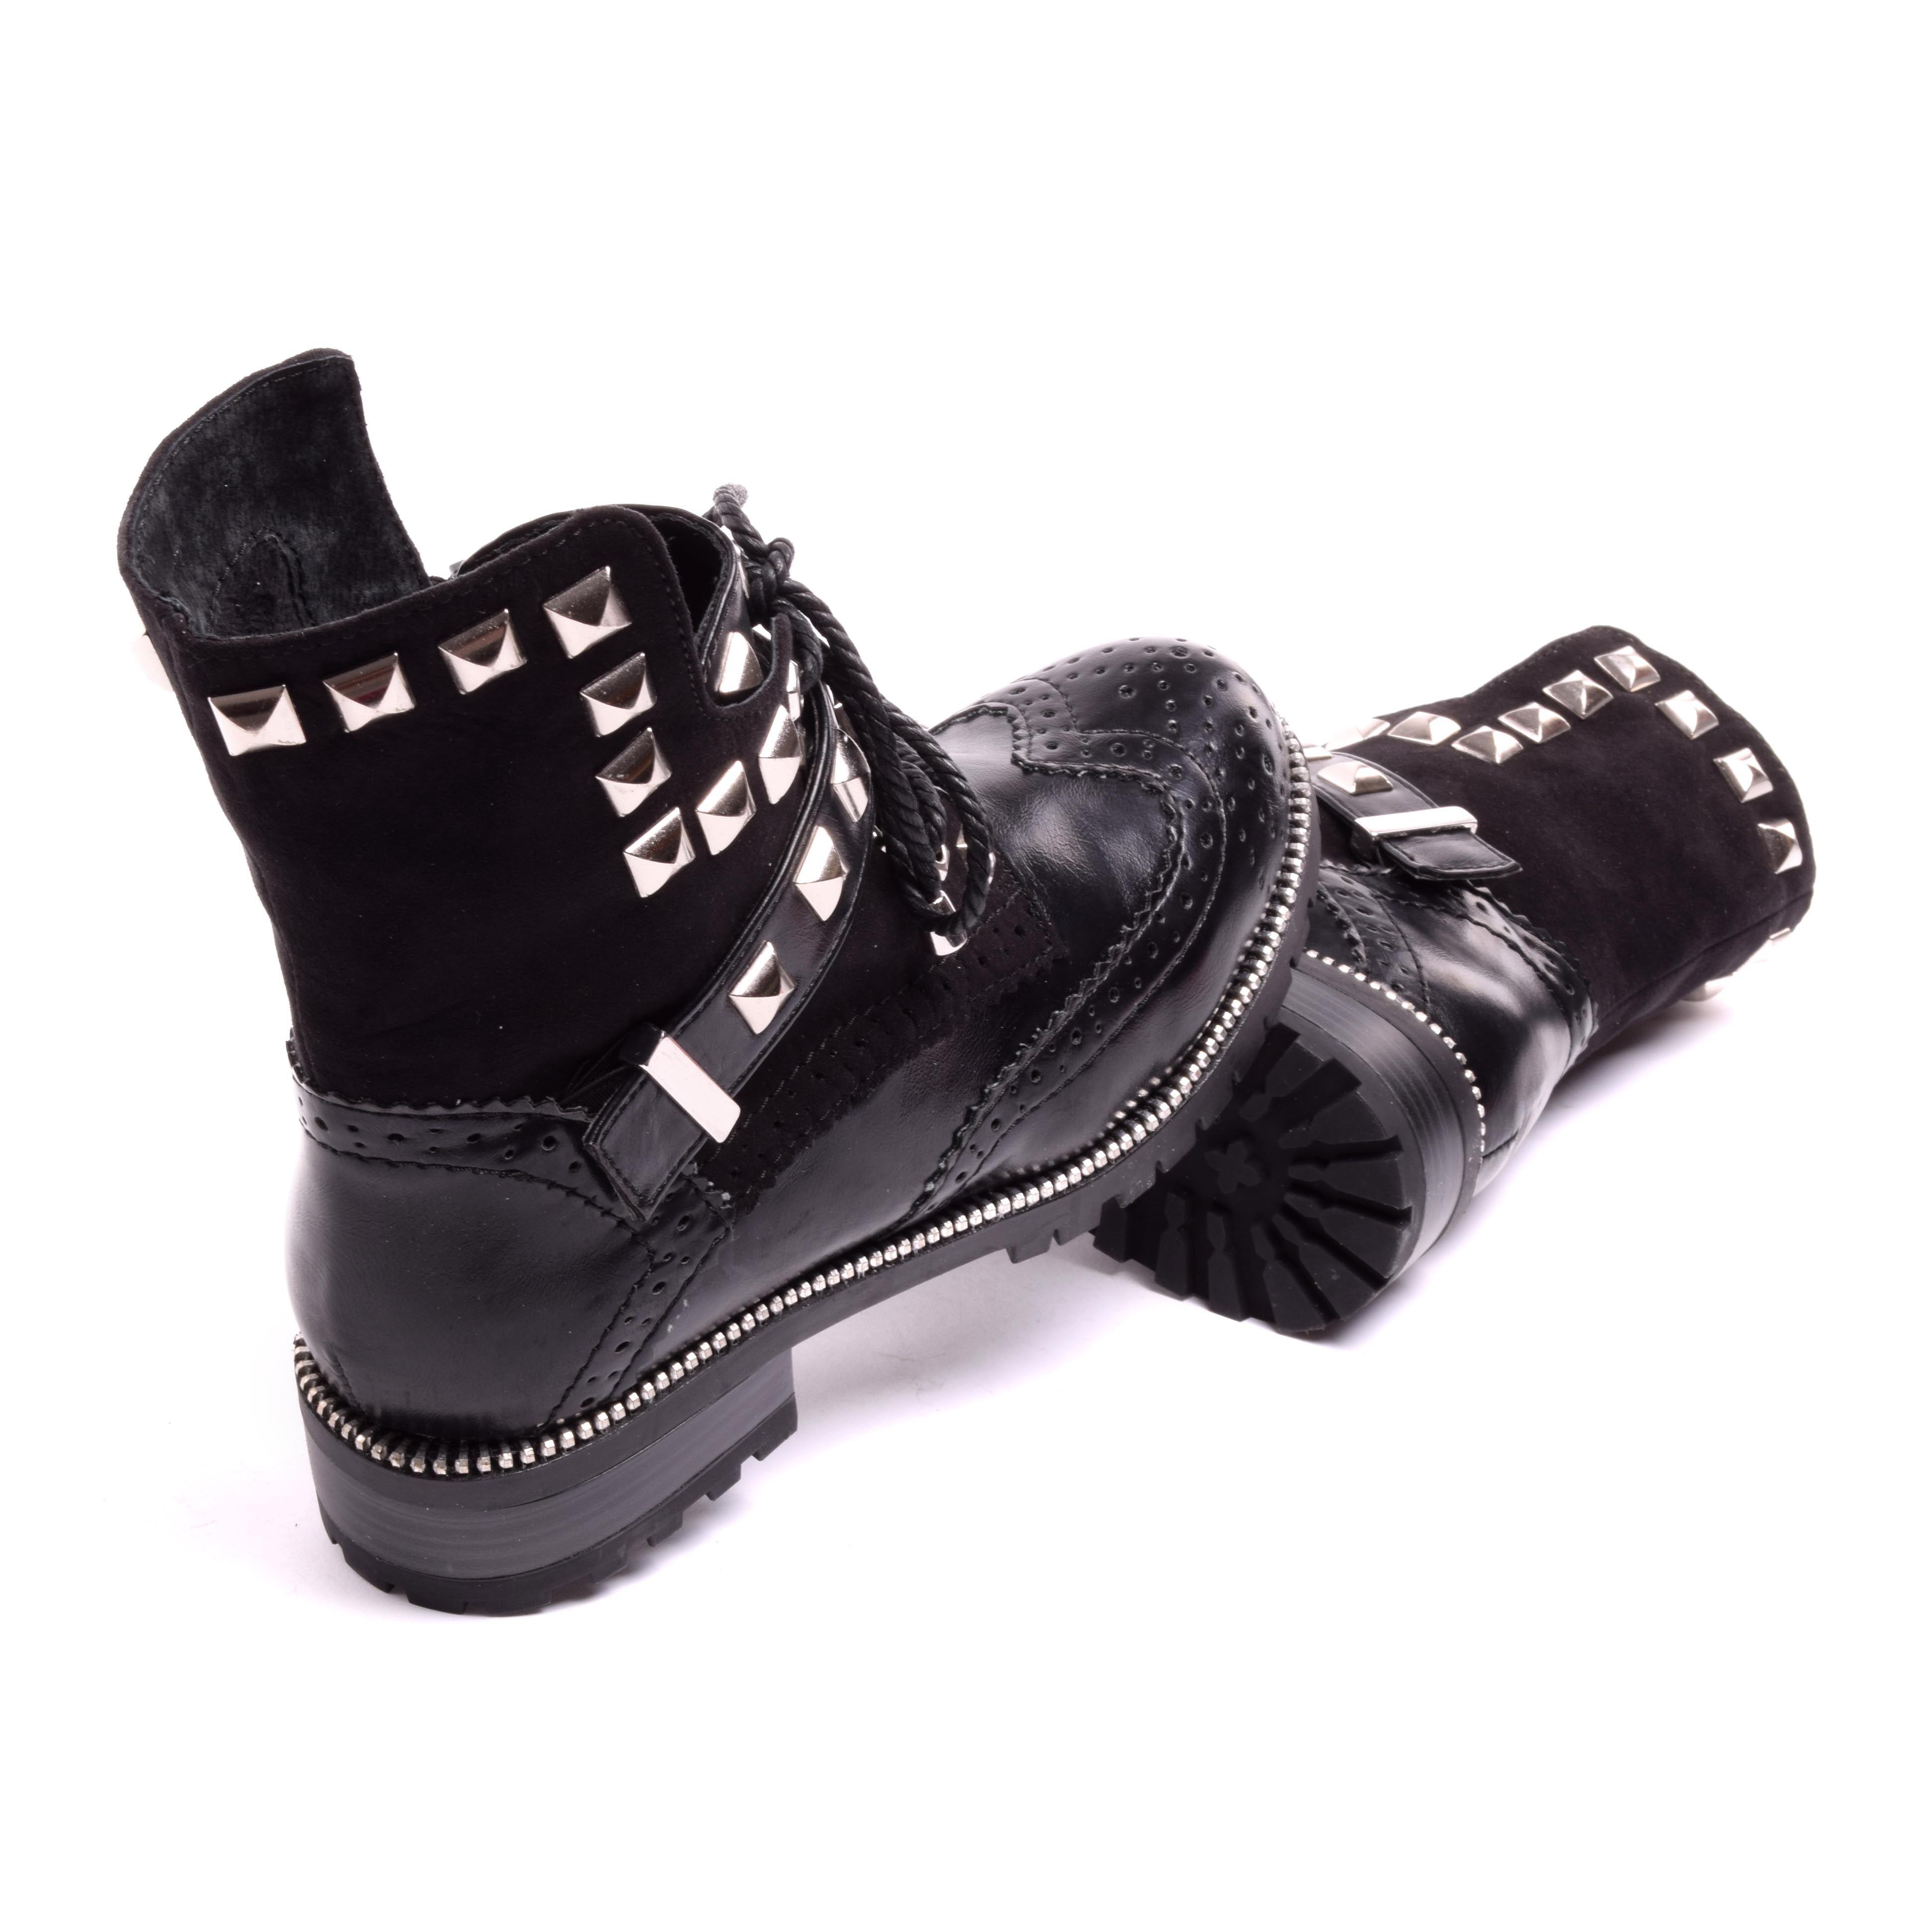 Női fekete műbőr bokacsizma szegecsekkel és áttört díszítéssel ezzel  extravagáns megjelenést kölcsönözve a cipőnek. Belül enyhén bélelt 67abb3d8a0